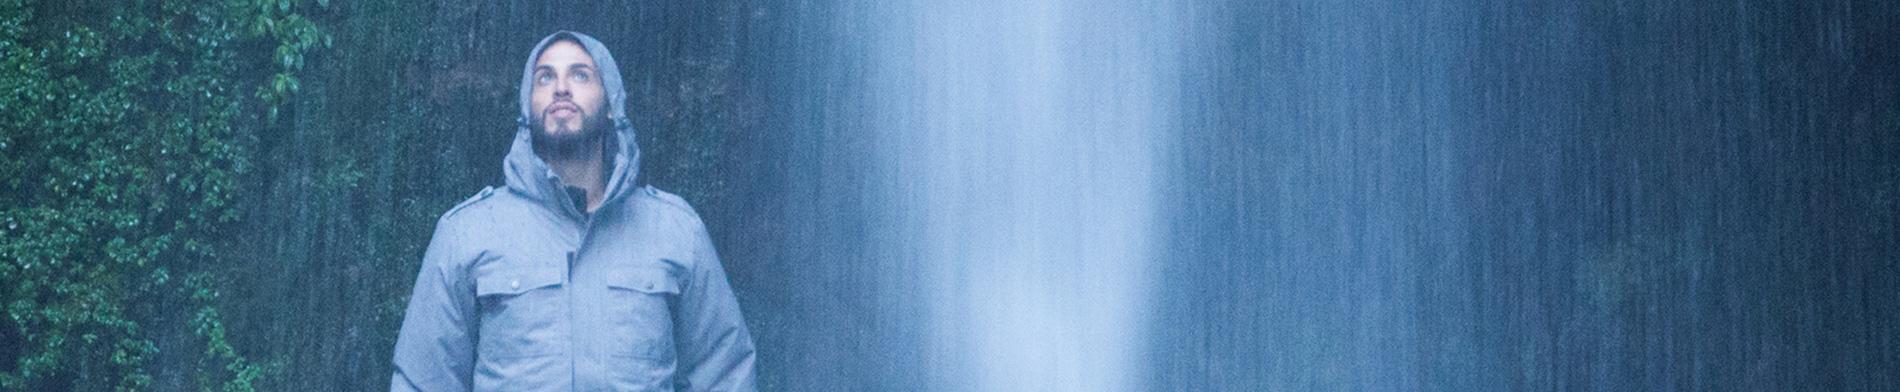 banner-busquedavacia